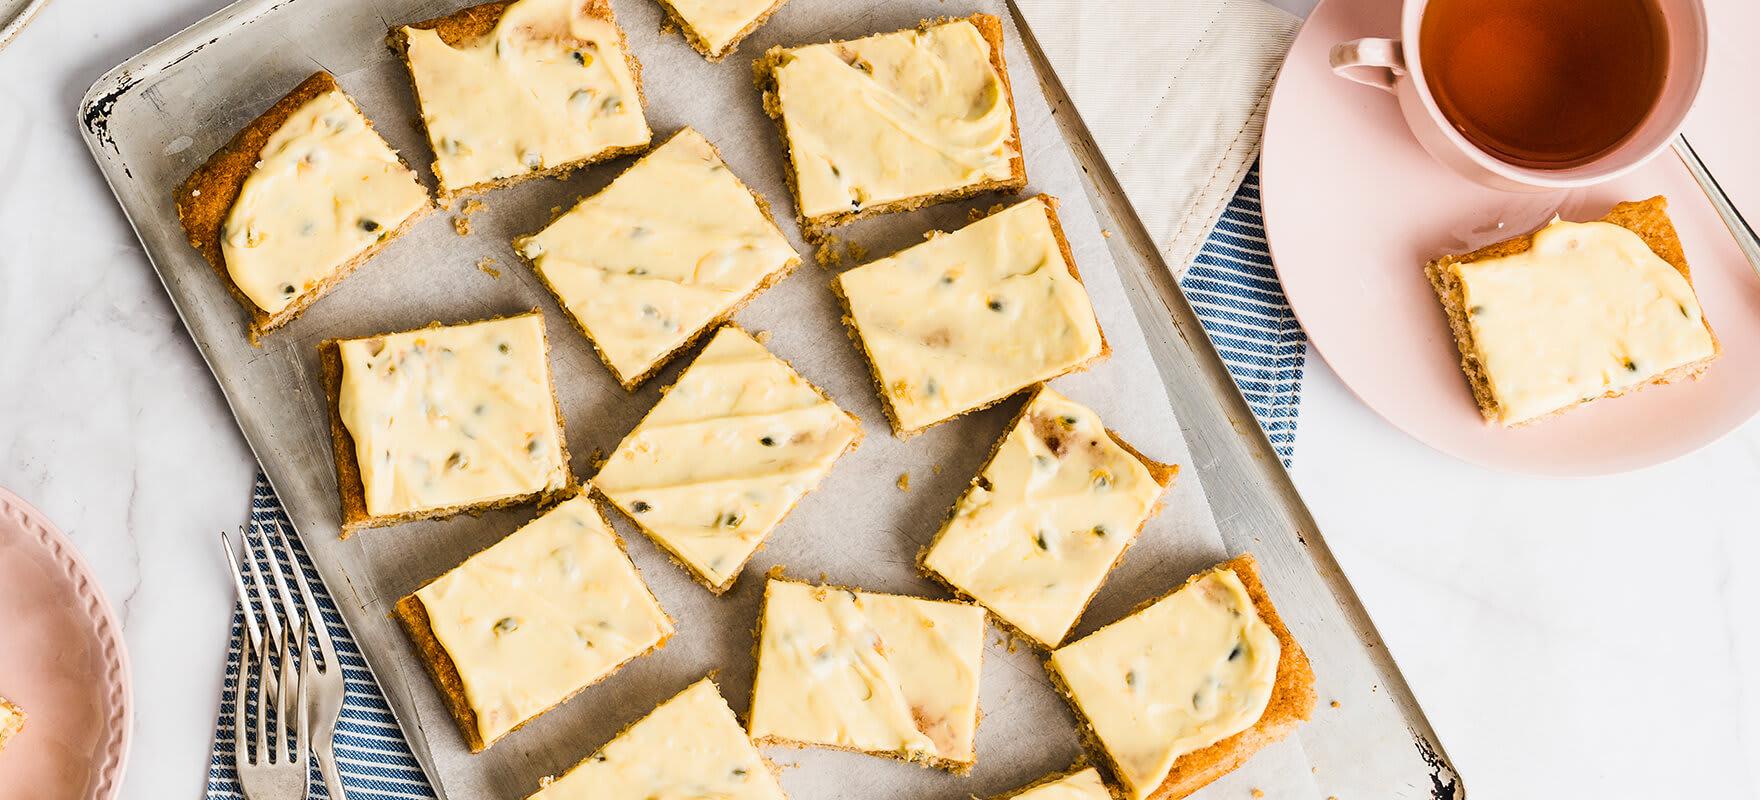 Lemon passionfruit Weet-Bix™ slice image 2